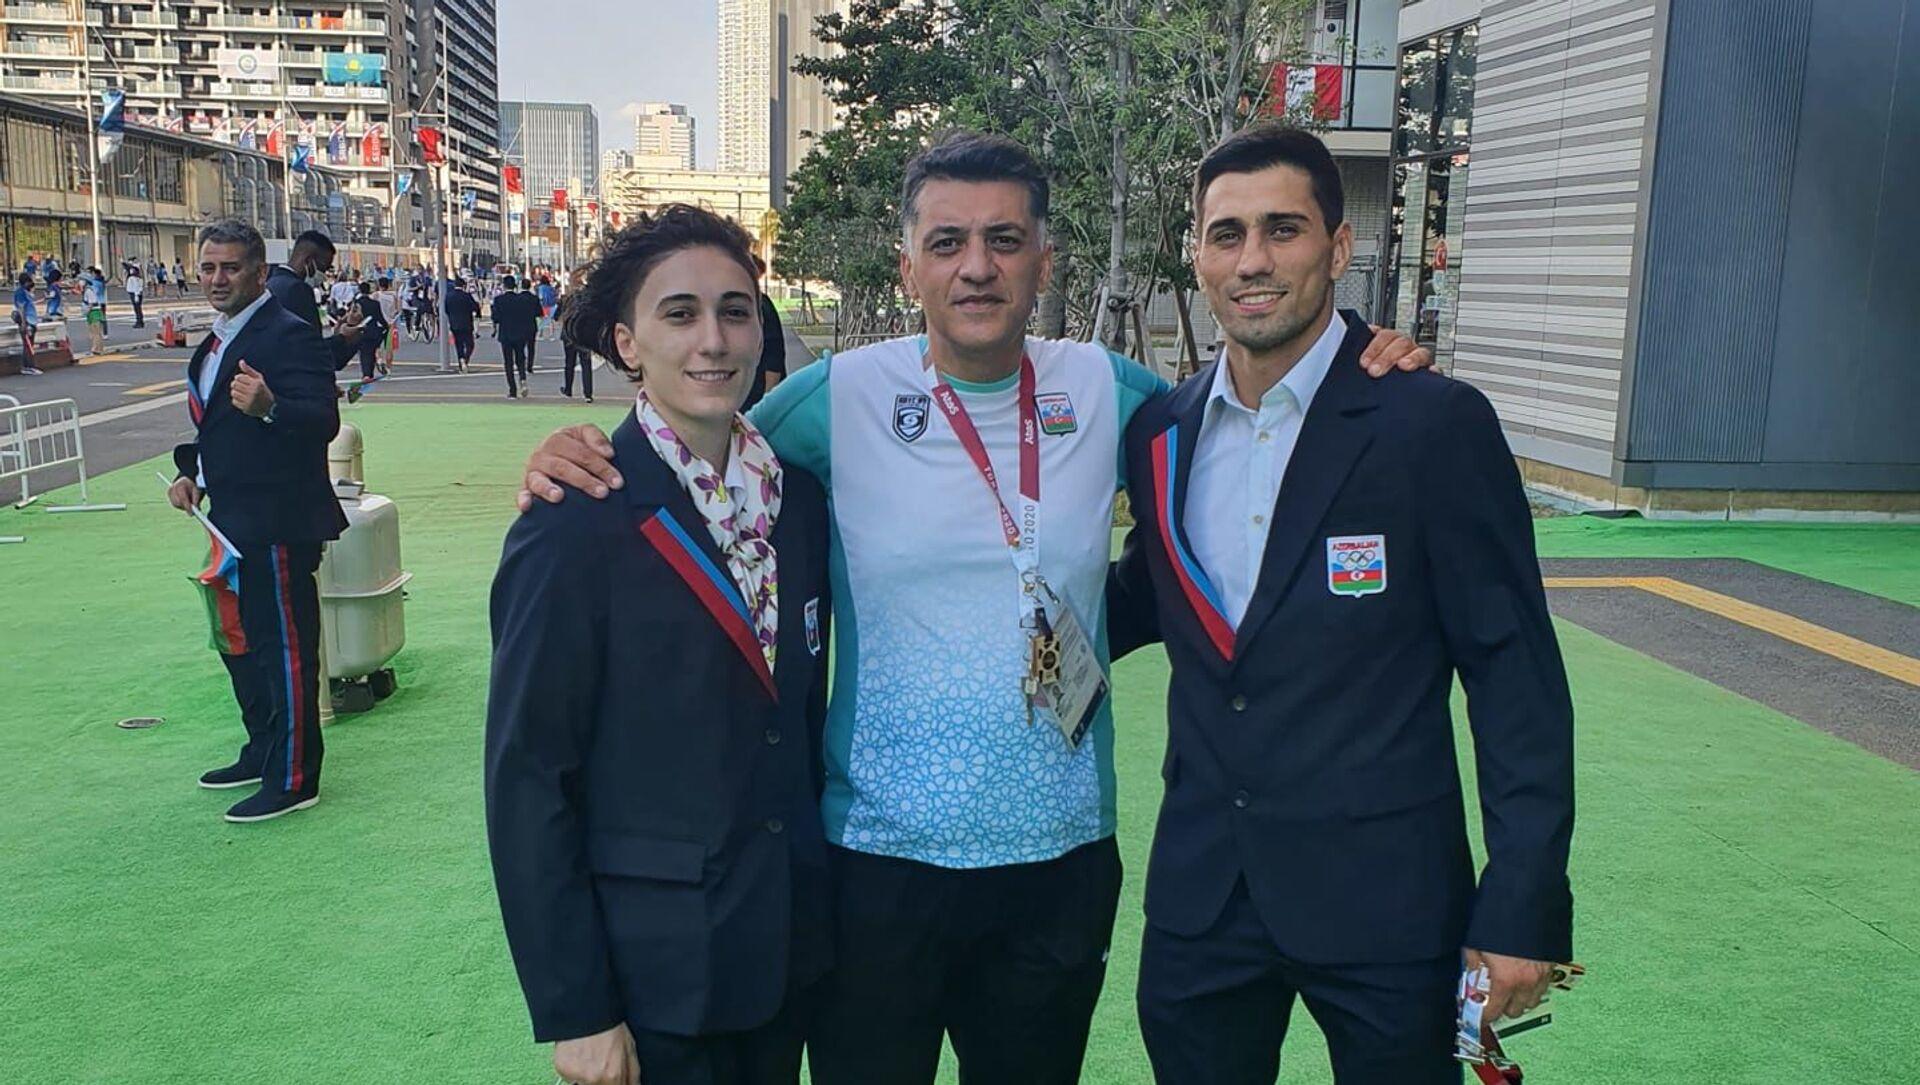 Азербайджанская делегация в Олимпийской деревне в Токио - Sputnik Азербайджан, 1920, 23.07.2021